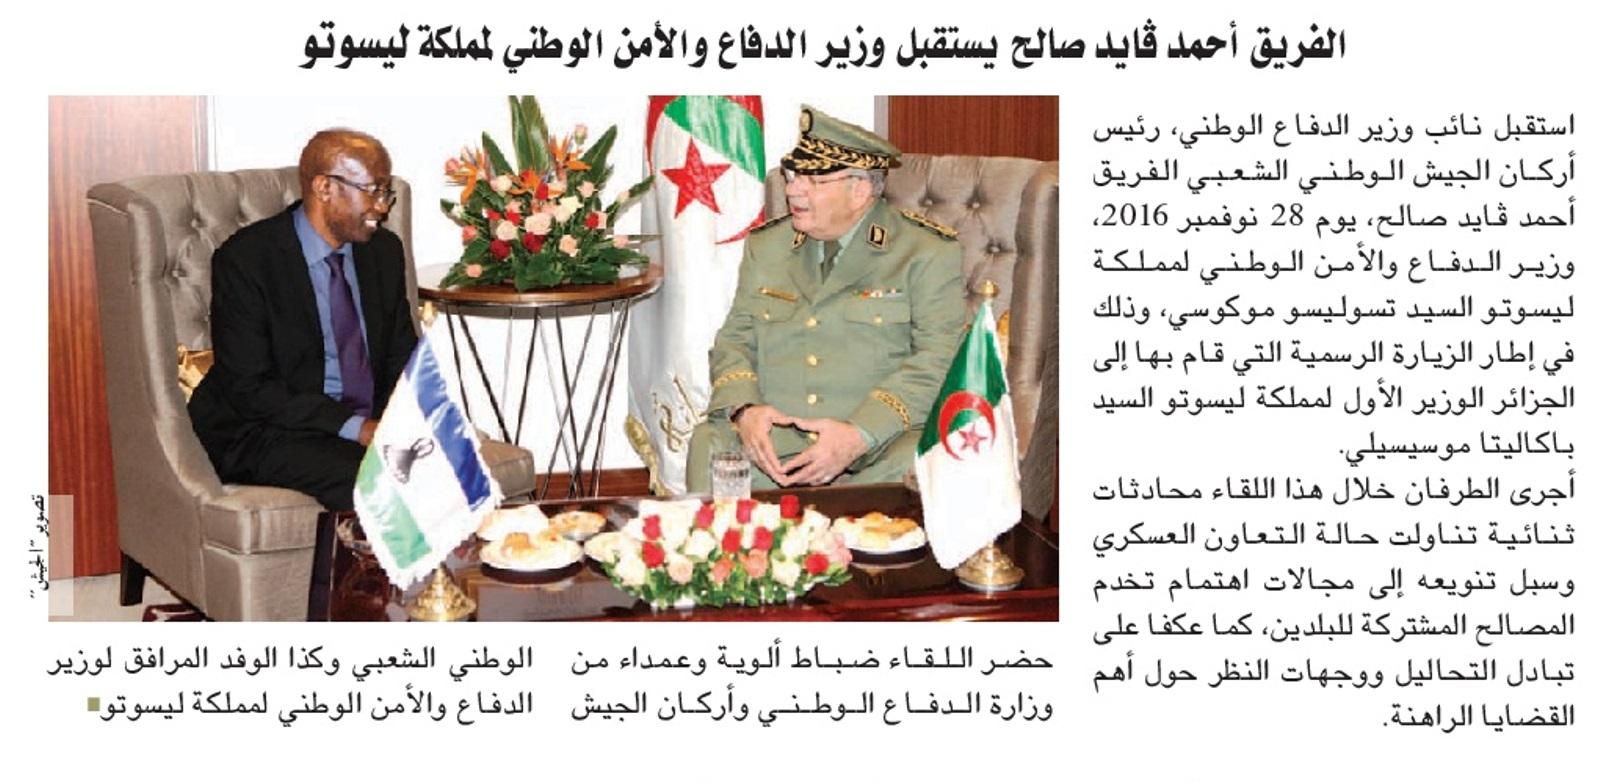 الصناعة العسكرية الجزائرية ... مدرعات ( فوكس 2 ) - صفحة 6 32125735116_65f11a83d7_o